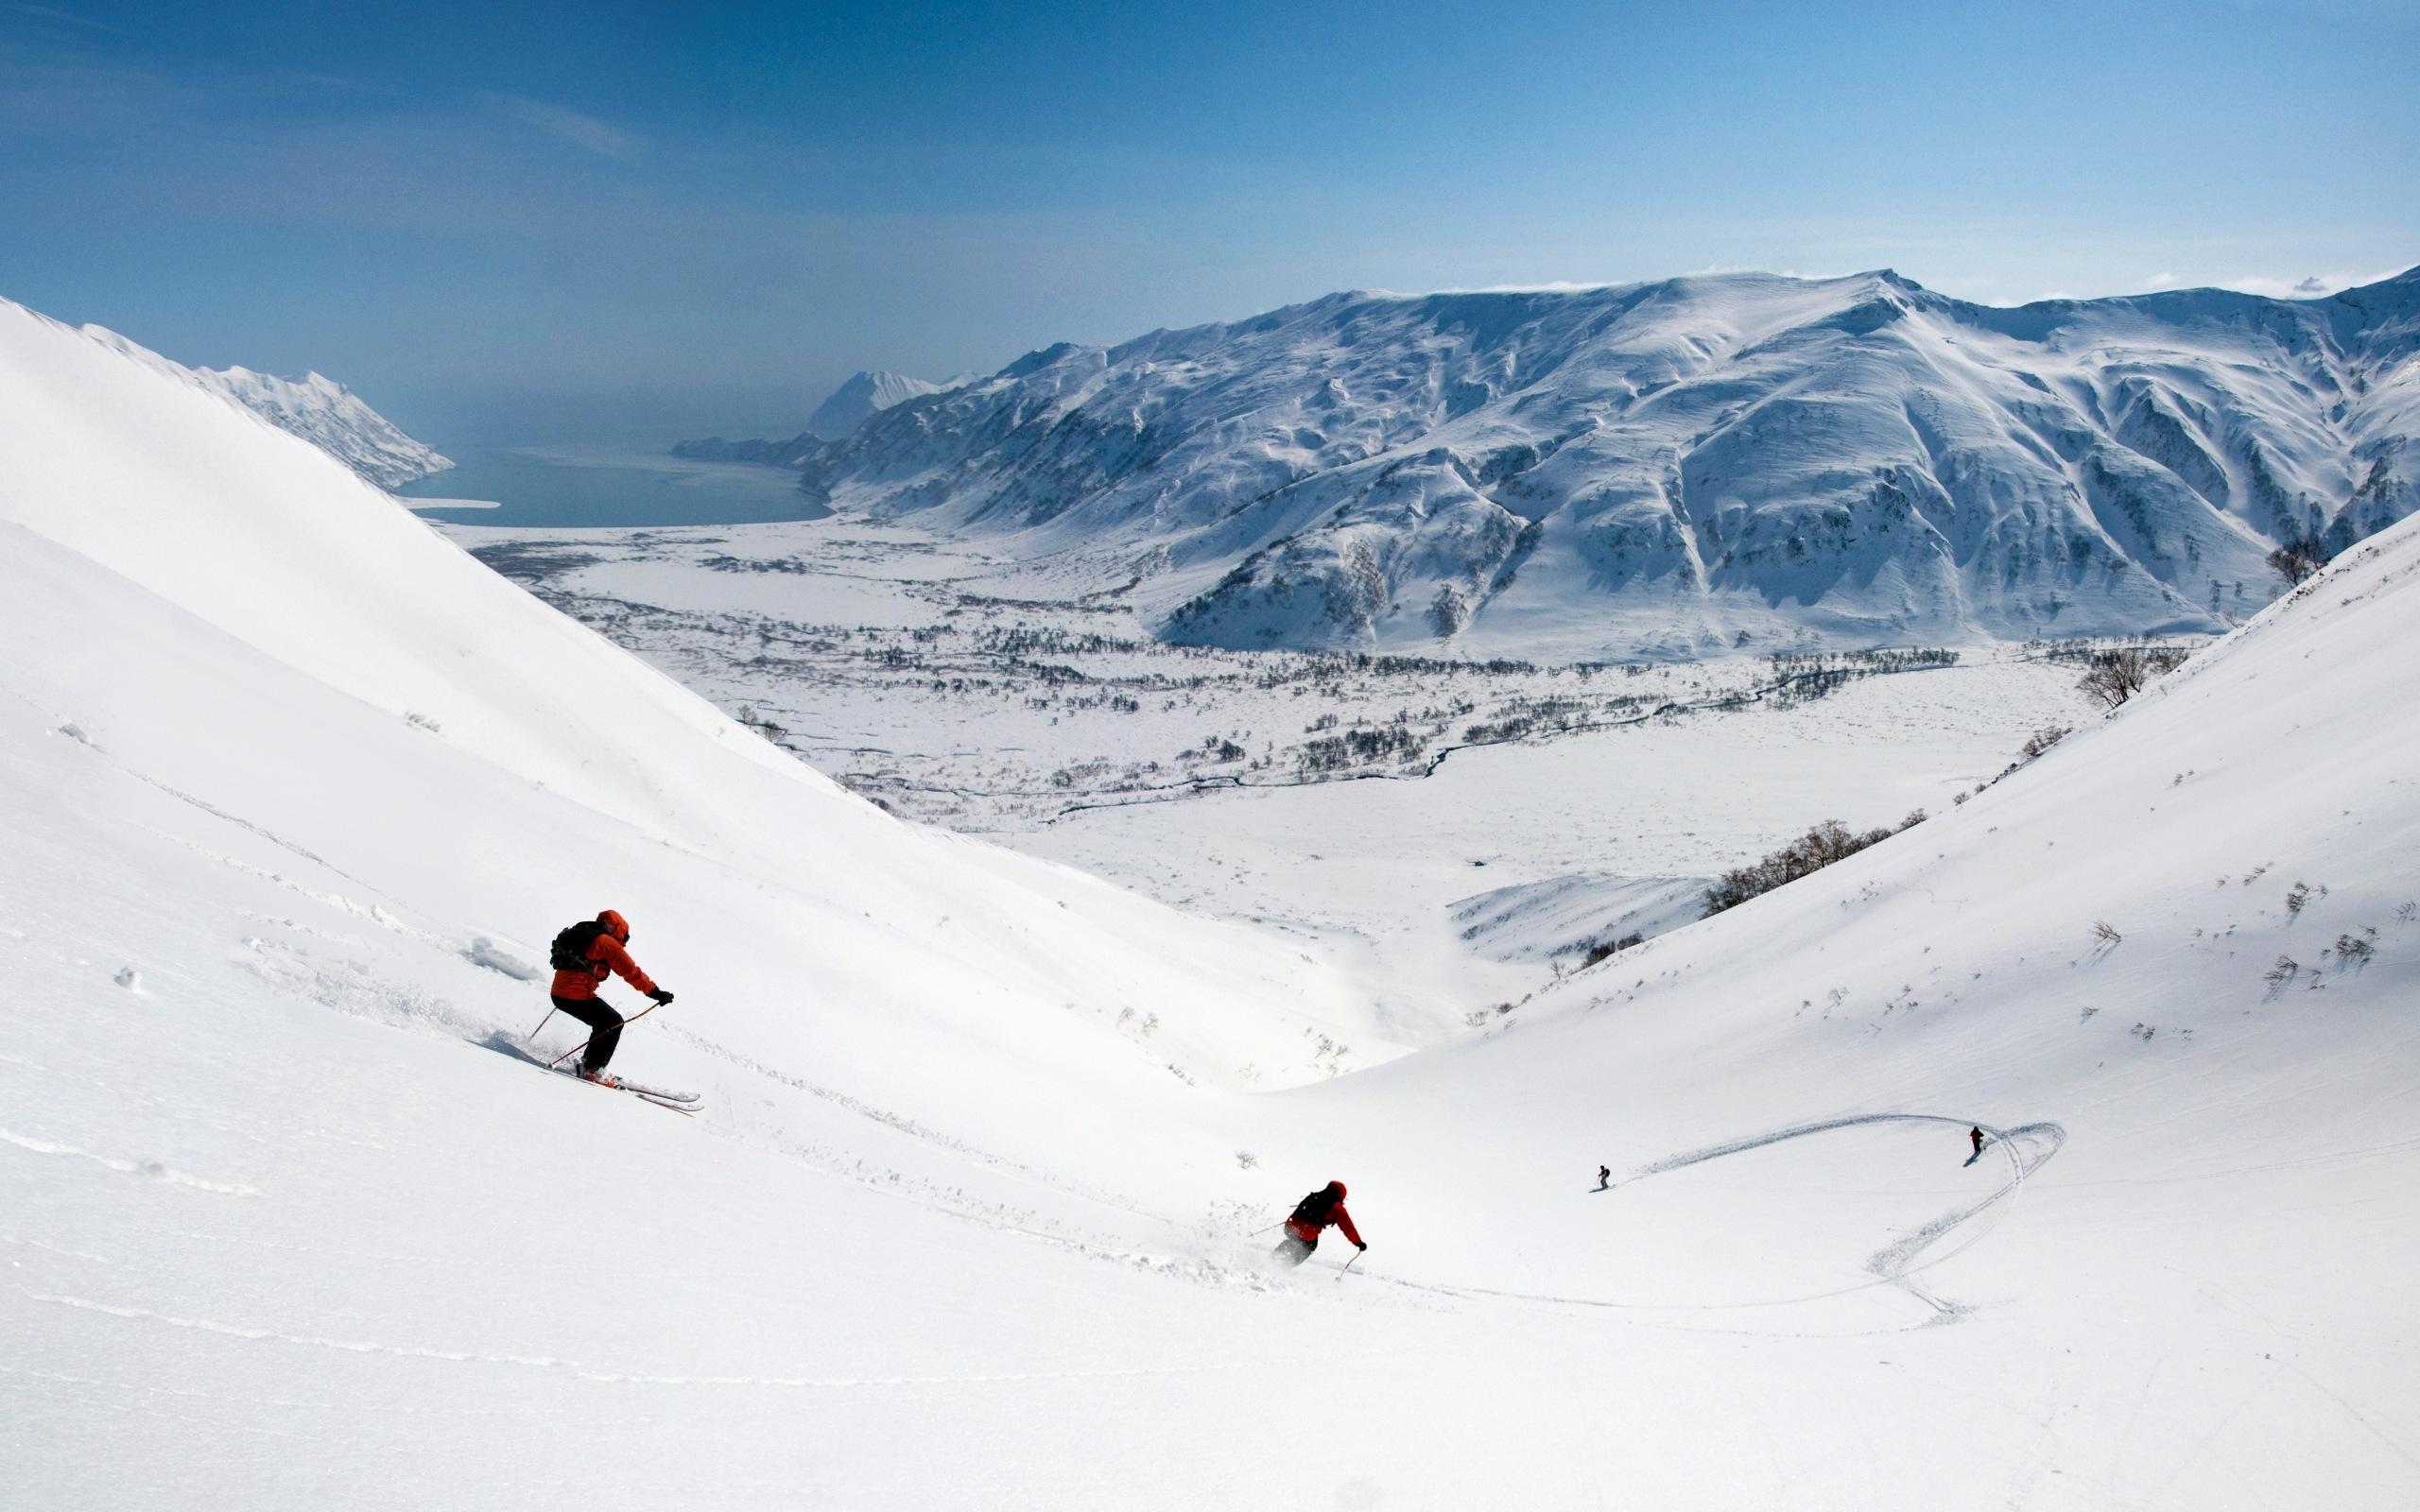 Снег на горных склонах  № 2944925 загрузить